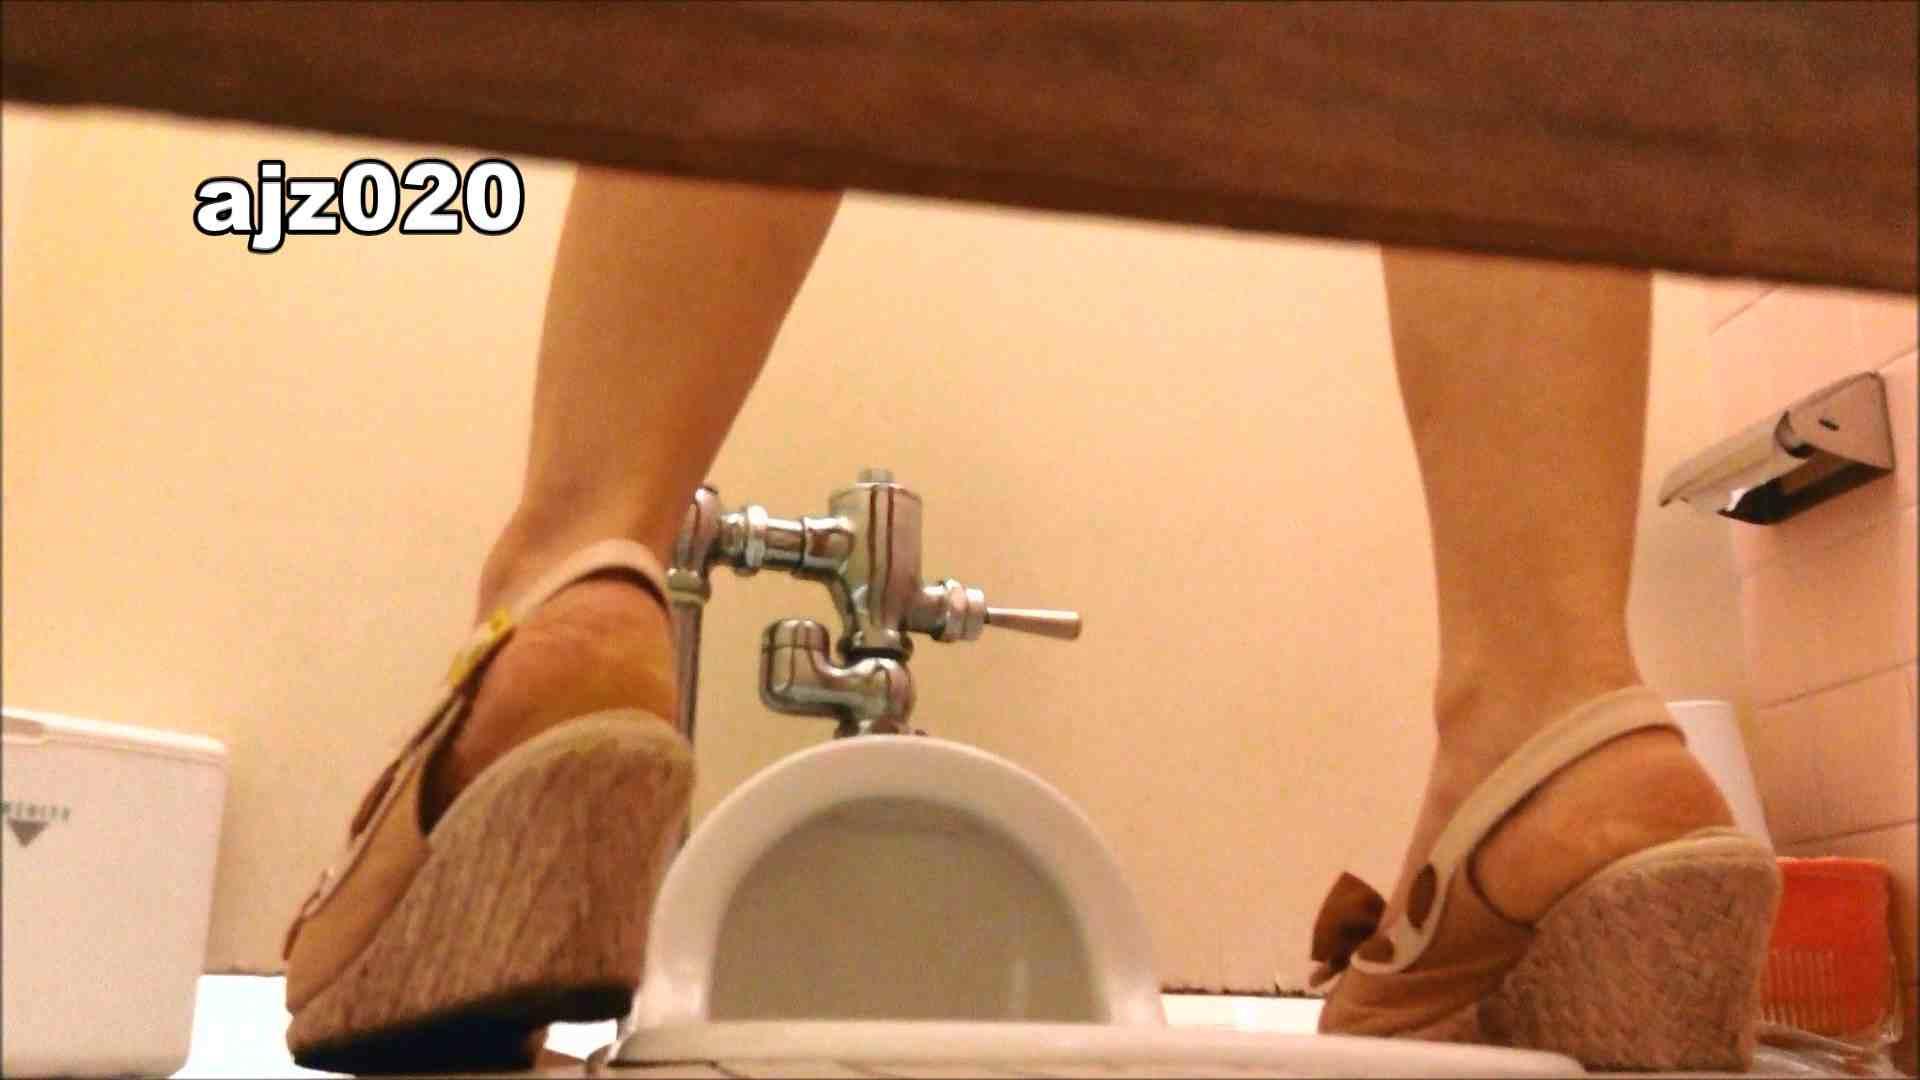 某有名大学女性洗面所 vol.20 洗面所  76PIX 58